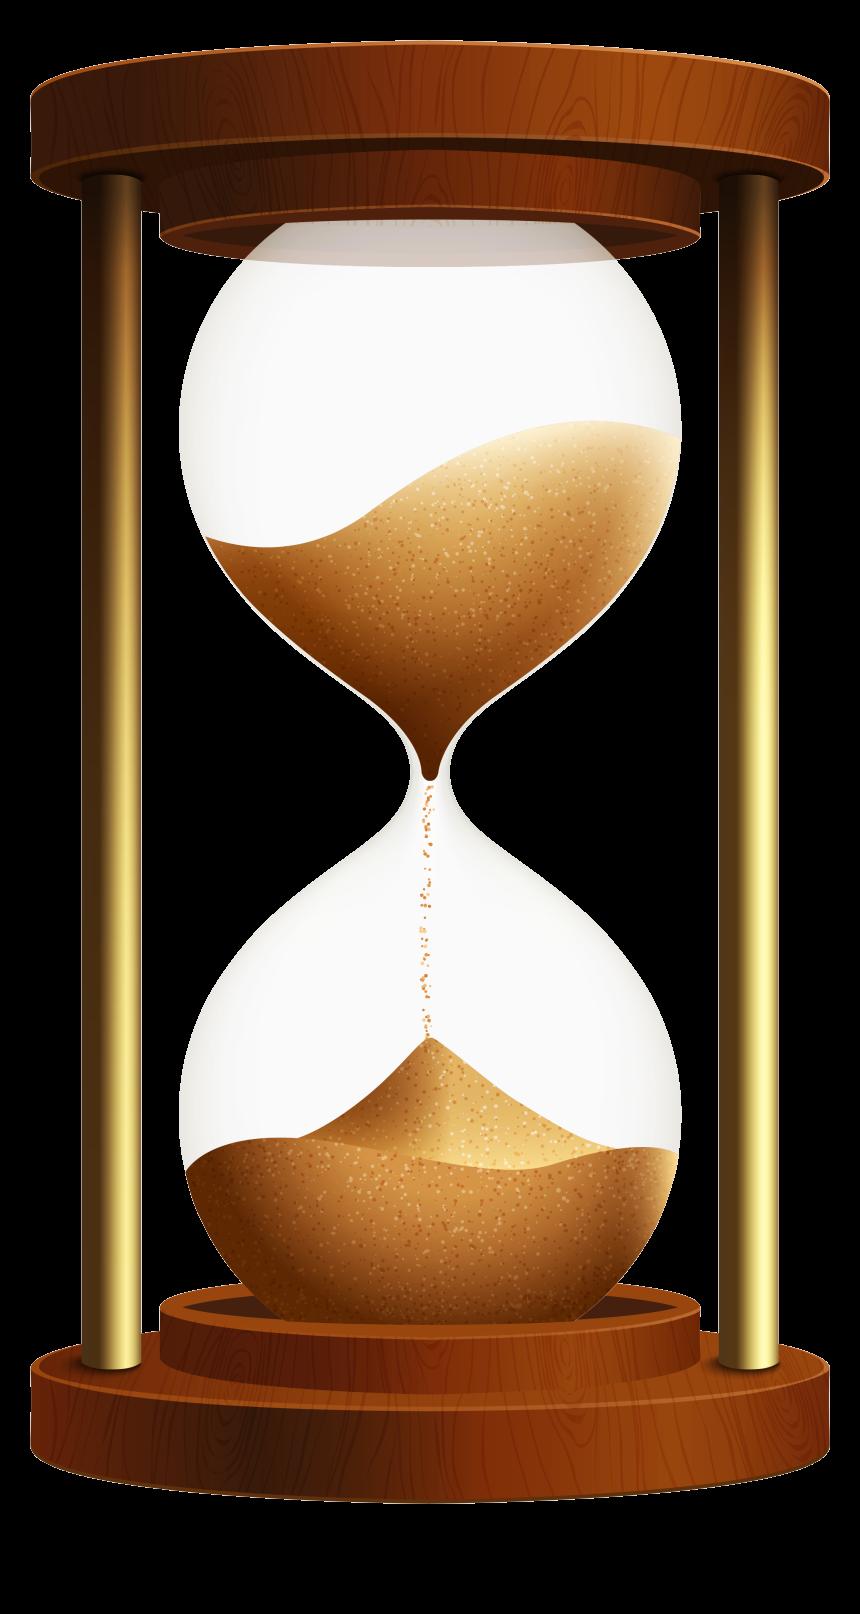 sand clocks